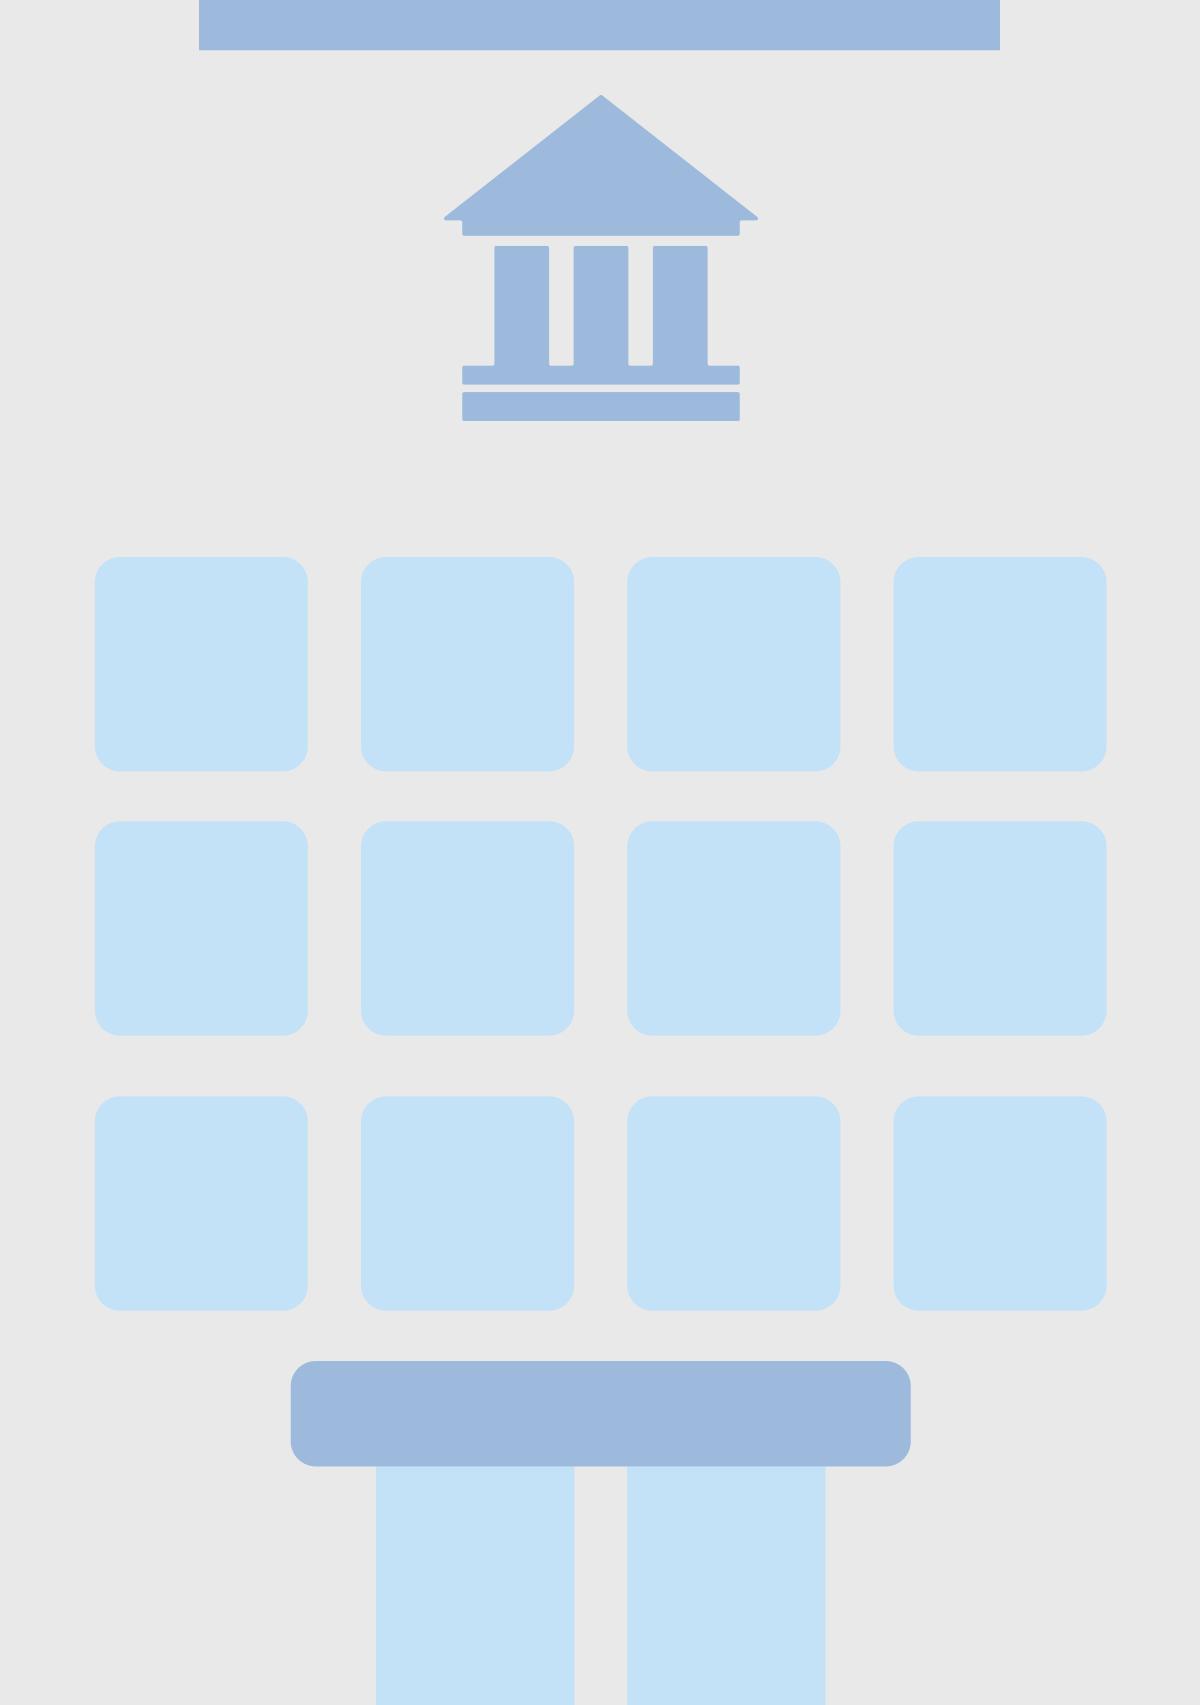 シンプルな銀行の外観イラスト